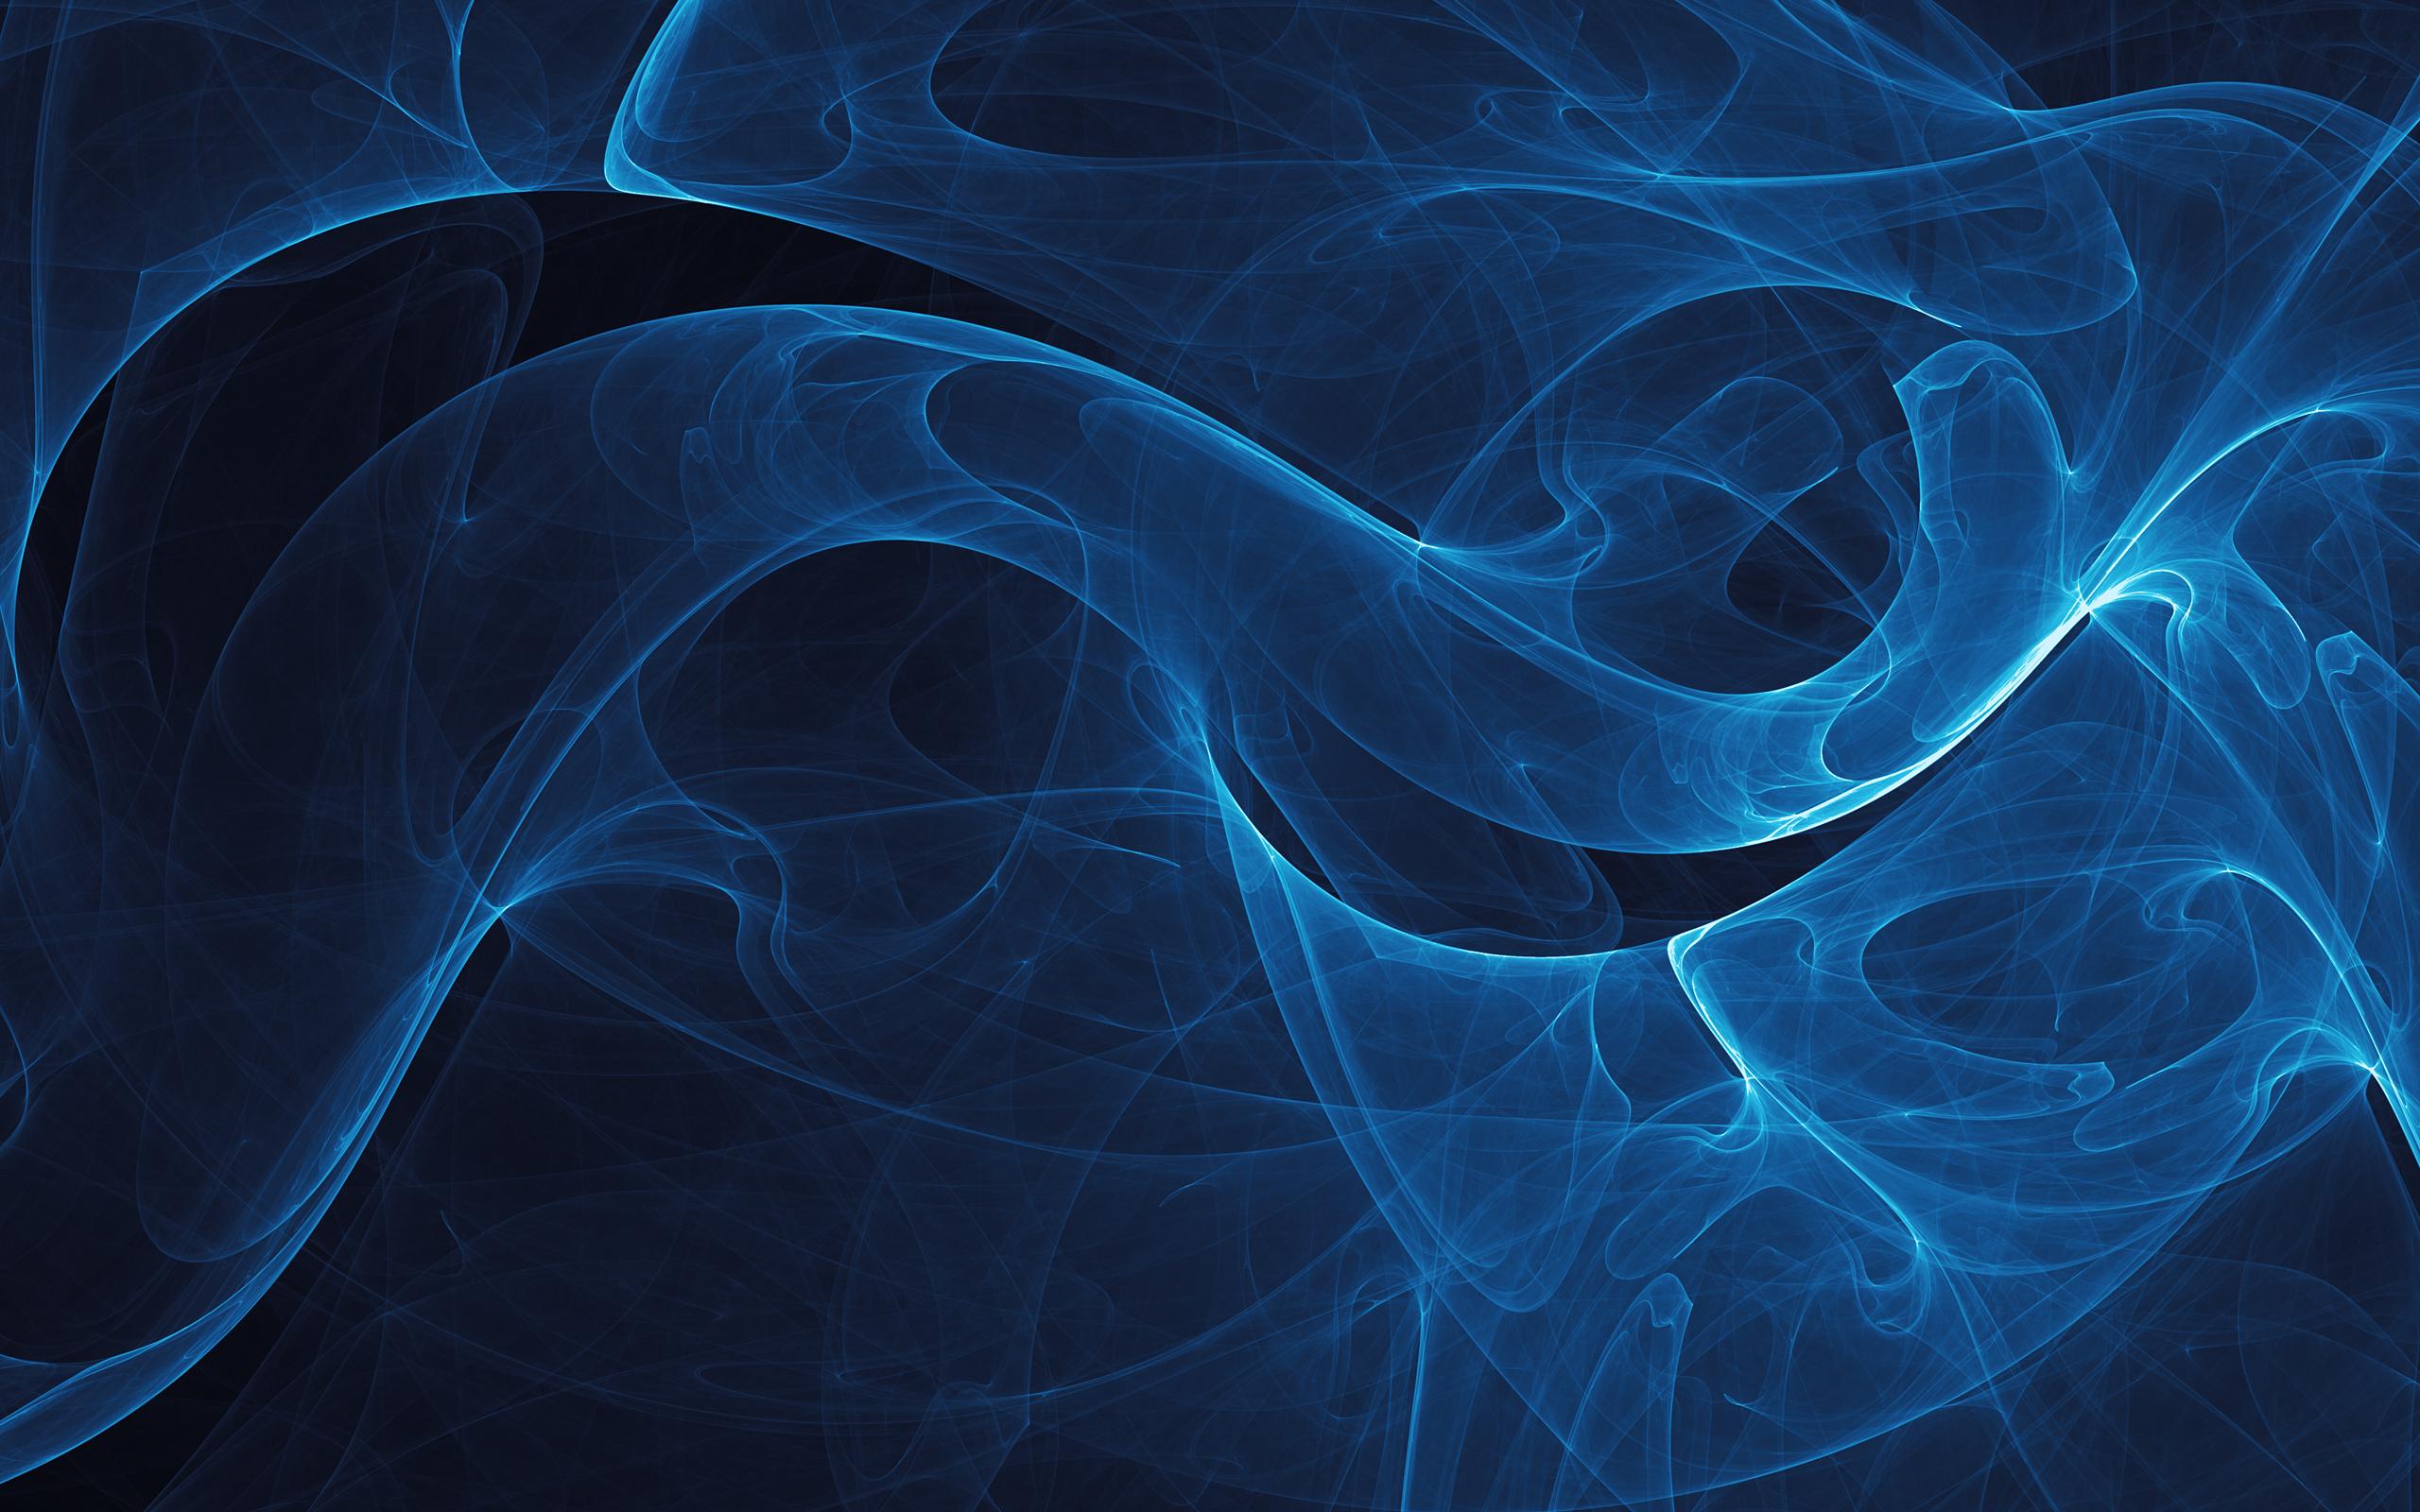 Infinity9737219294 - Infinity - Stripes, Infinity